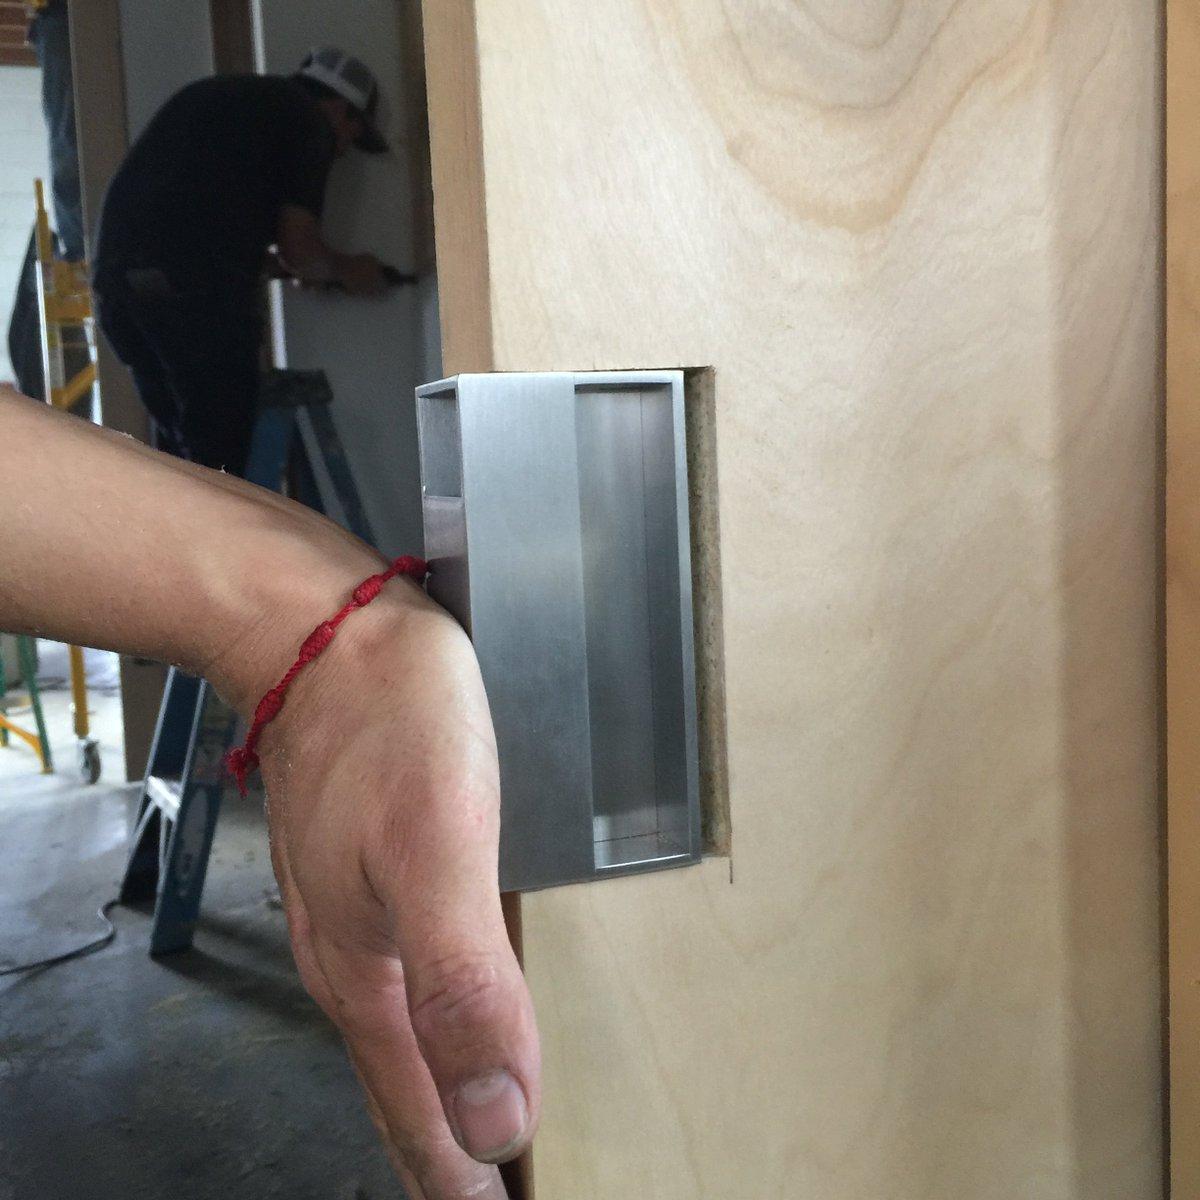 sugatsune door pull. matt risinger on twitter: \ sugatsune door pull